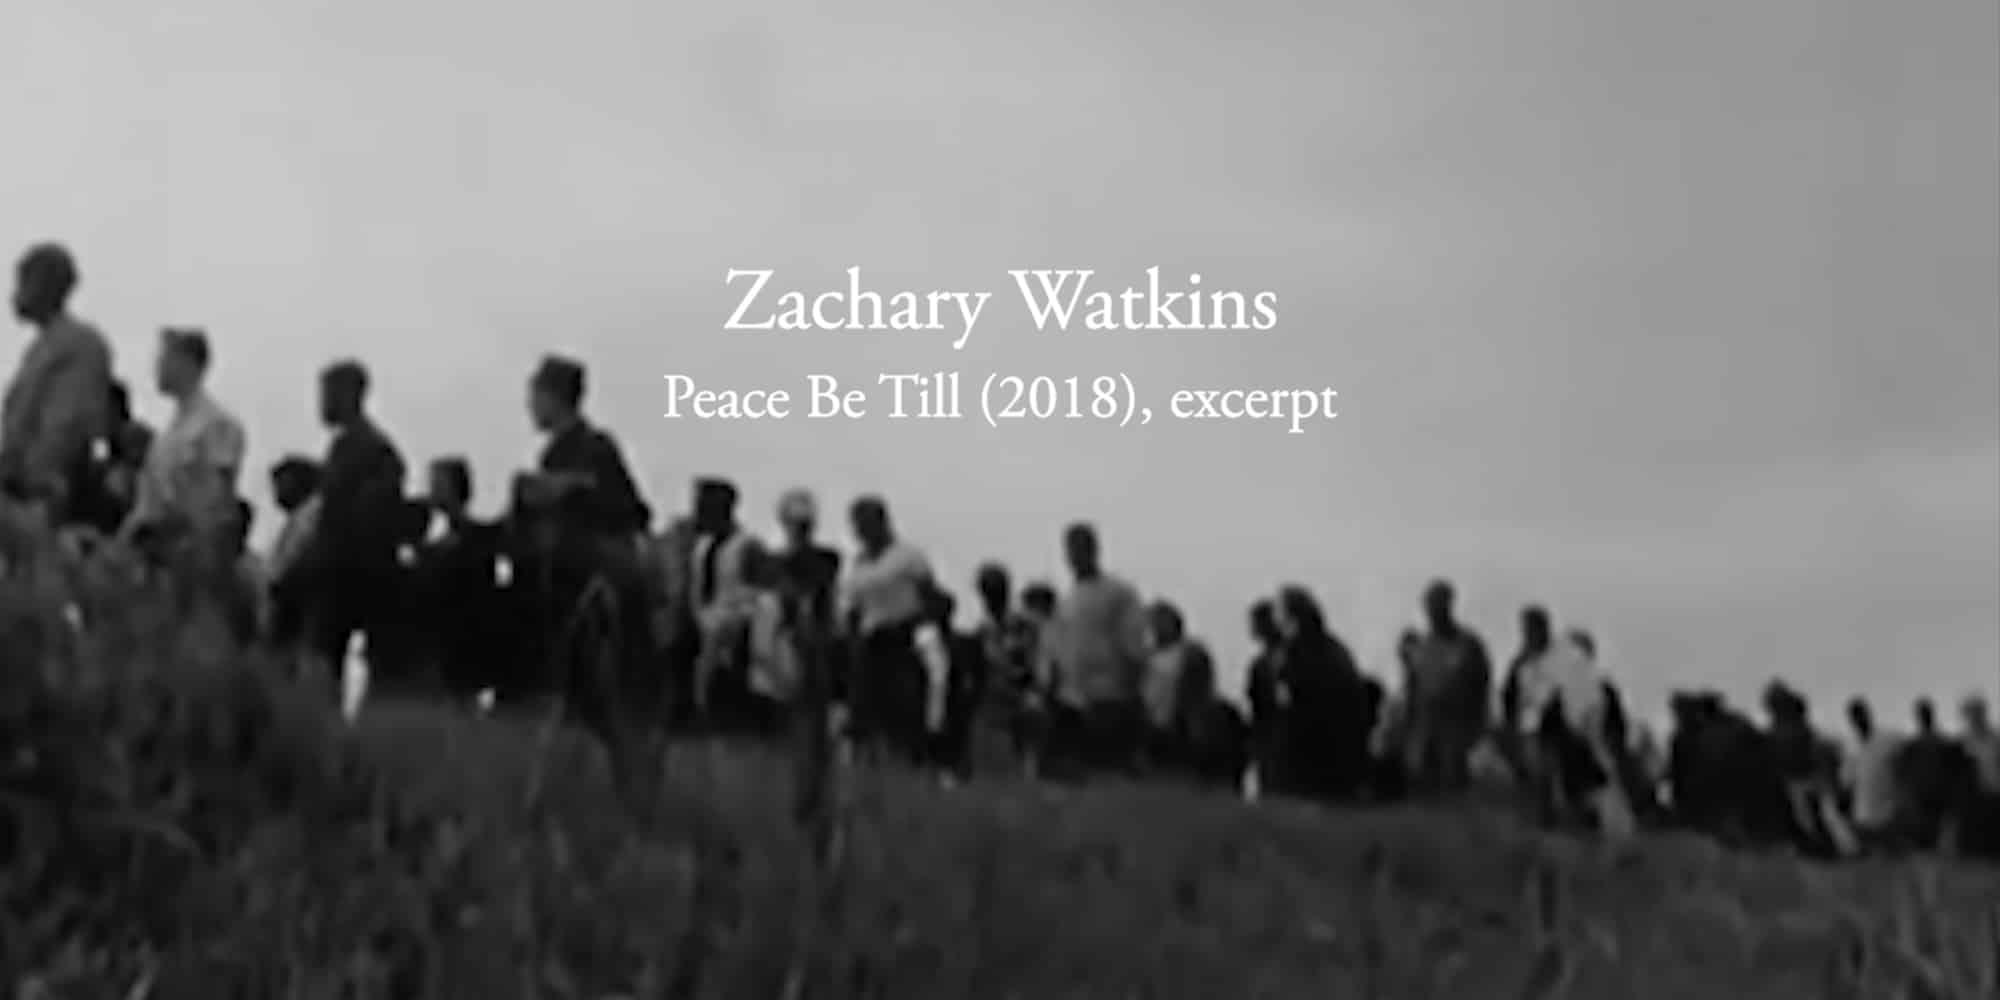 Film still from Peace Be Till video